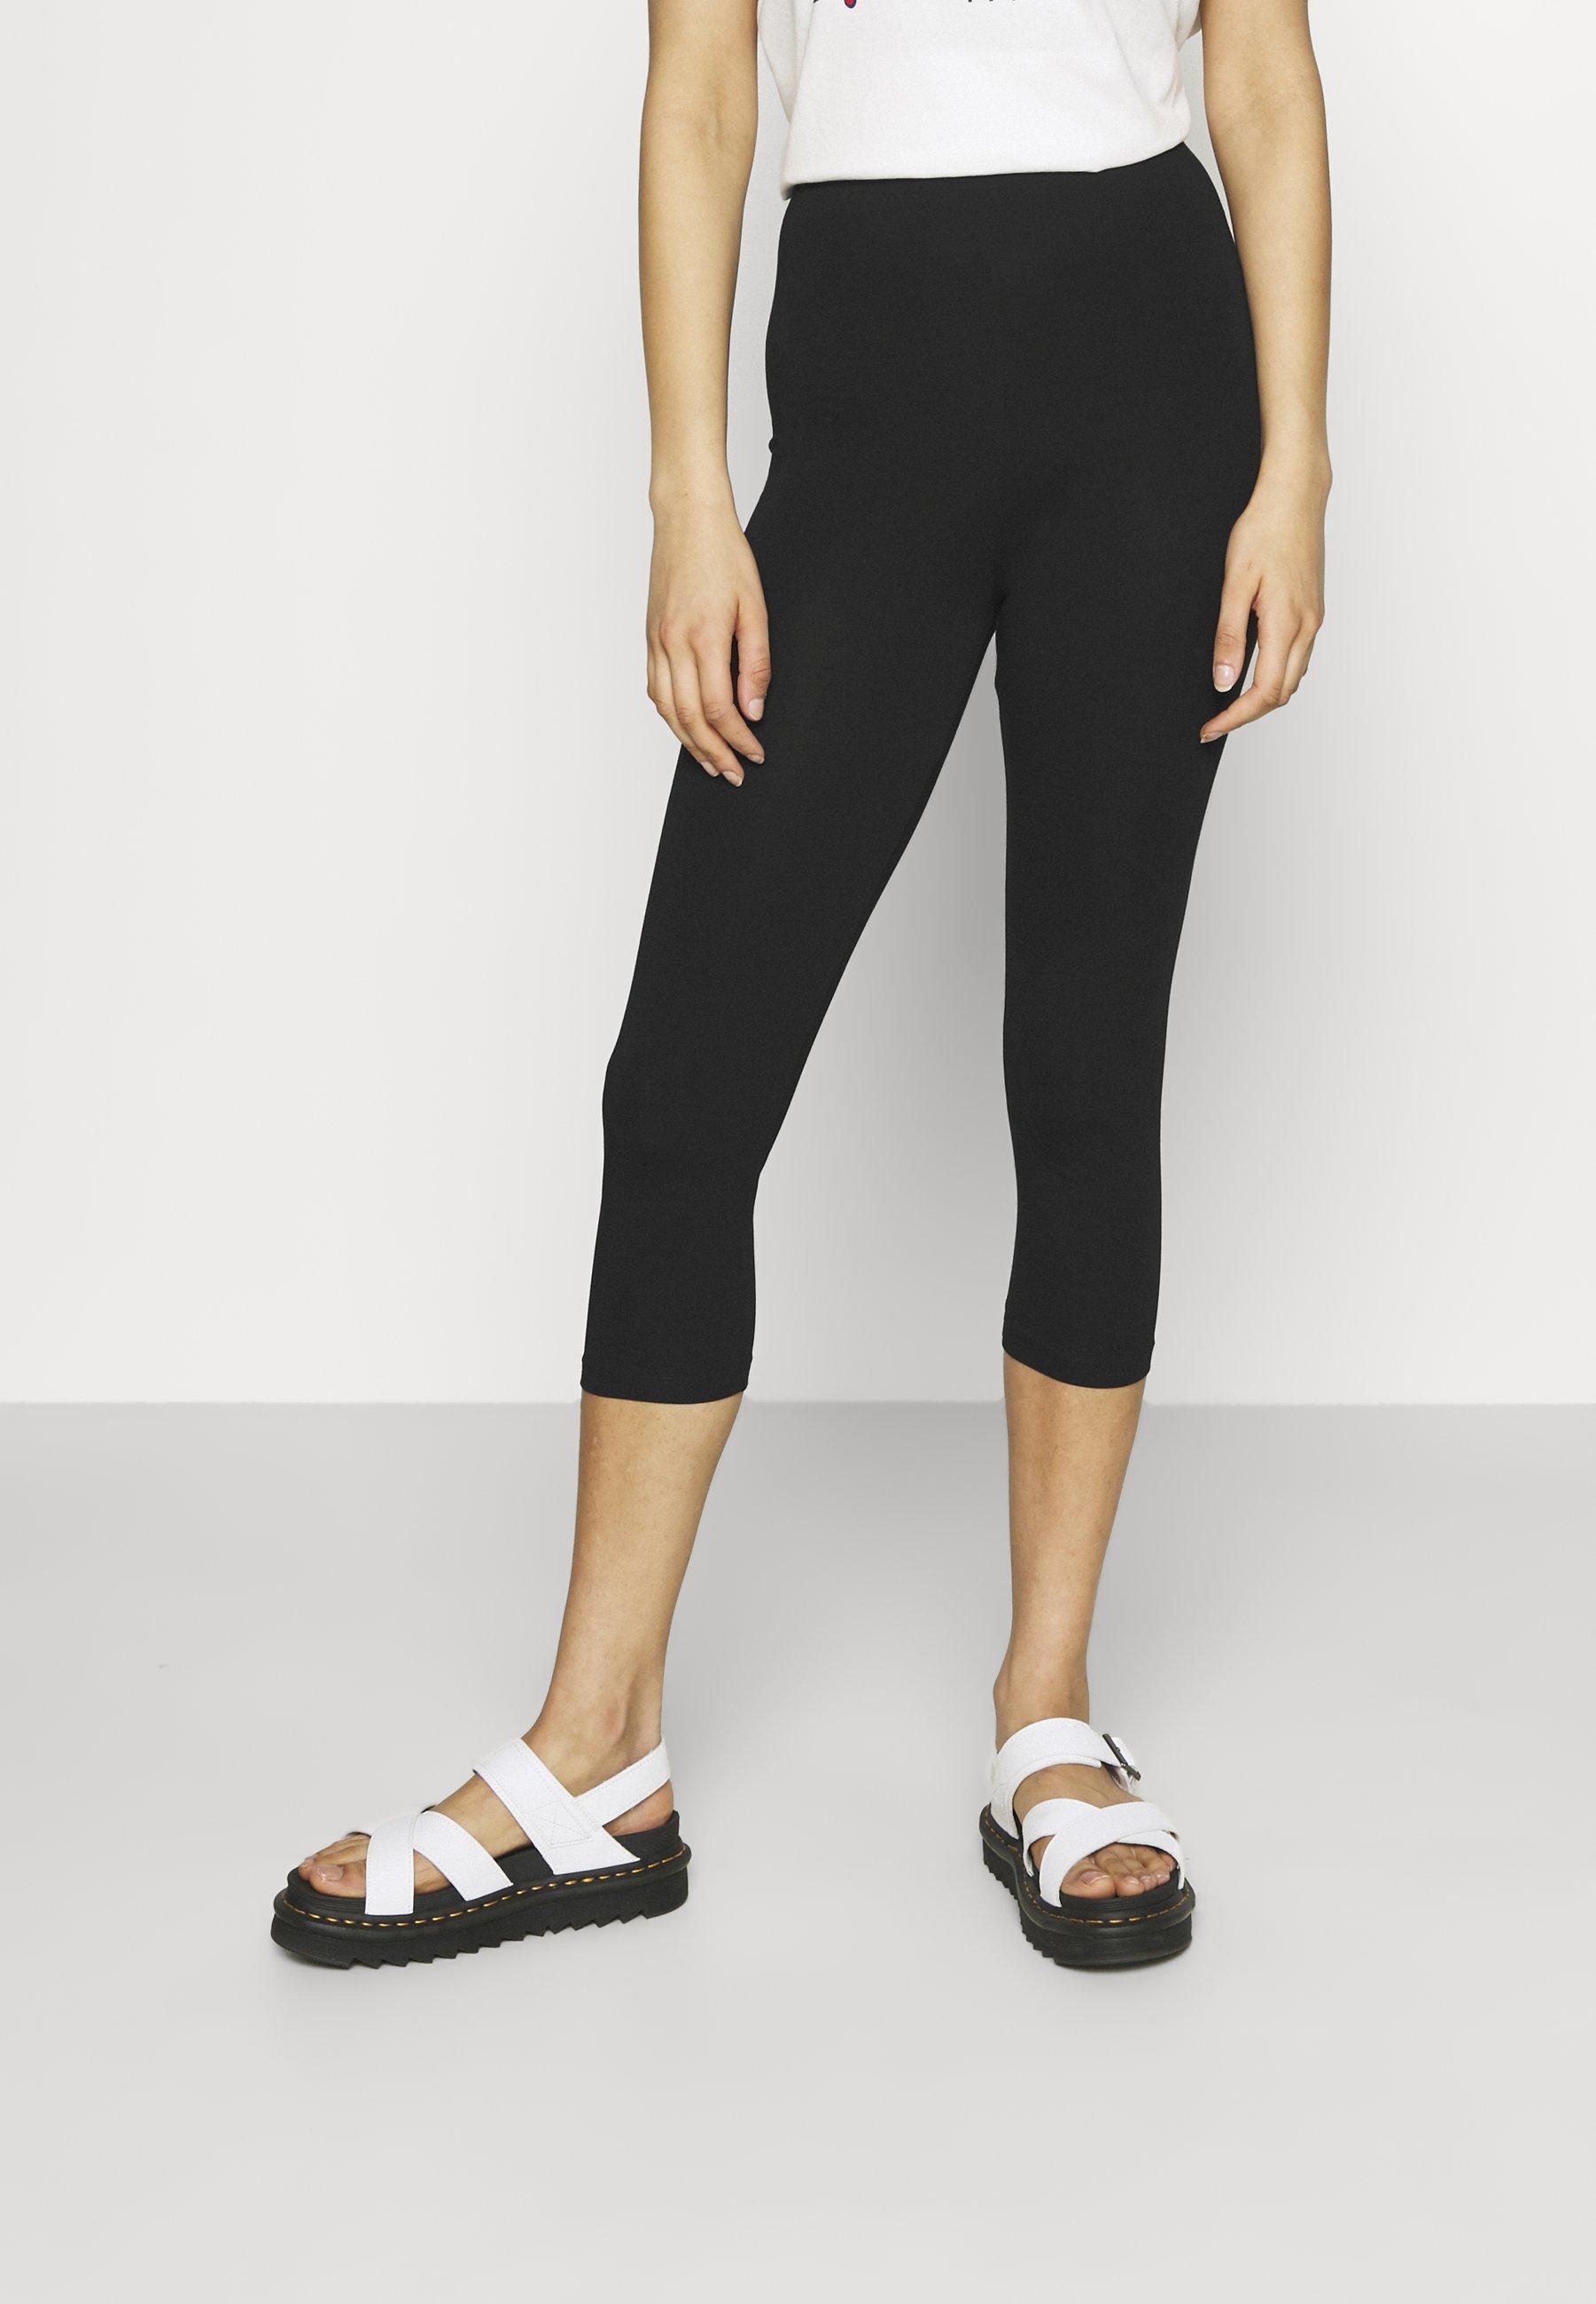 Damen 3/4 Length Legging - Leggings - Hosen